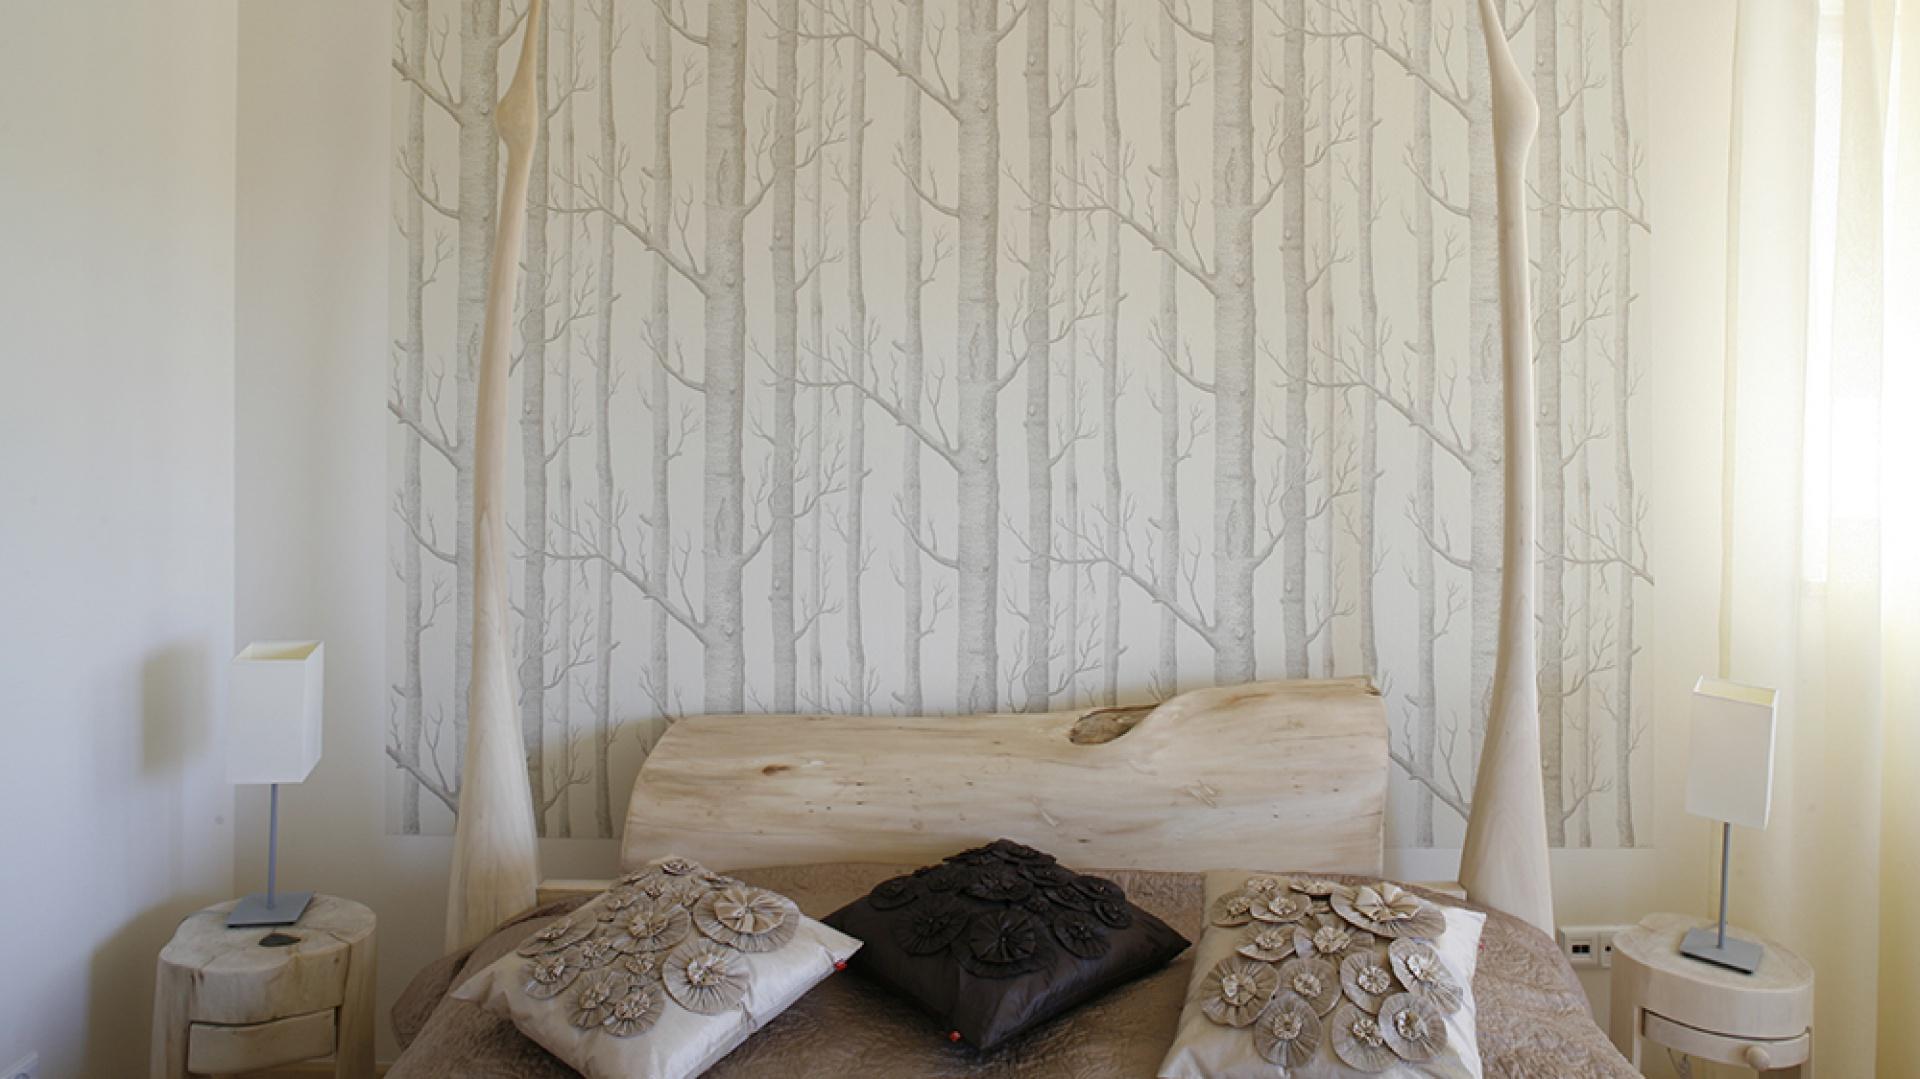 Łóżko zaprojektowane i wyrzeźbione przez Andrzeja Haręzę na tle tapety z motywem brzóz (Dekoria). Fot. Bartosz Jarosz.